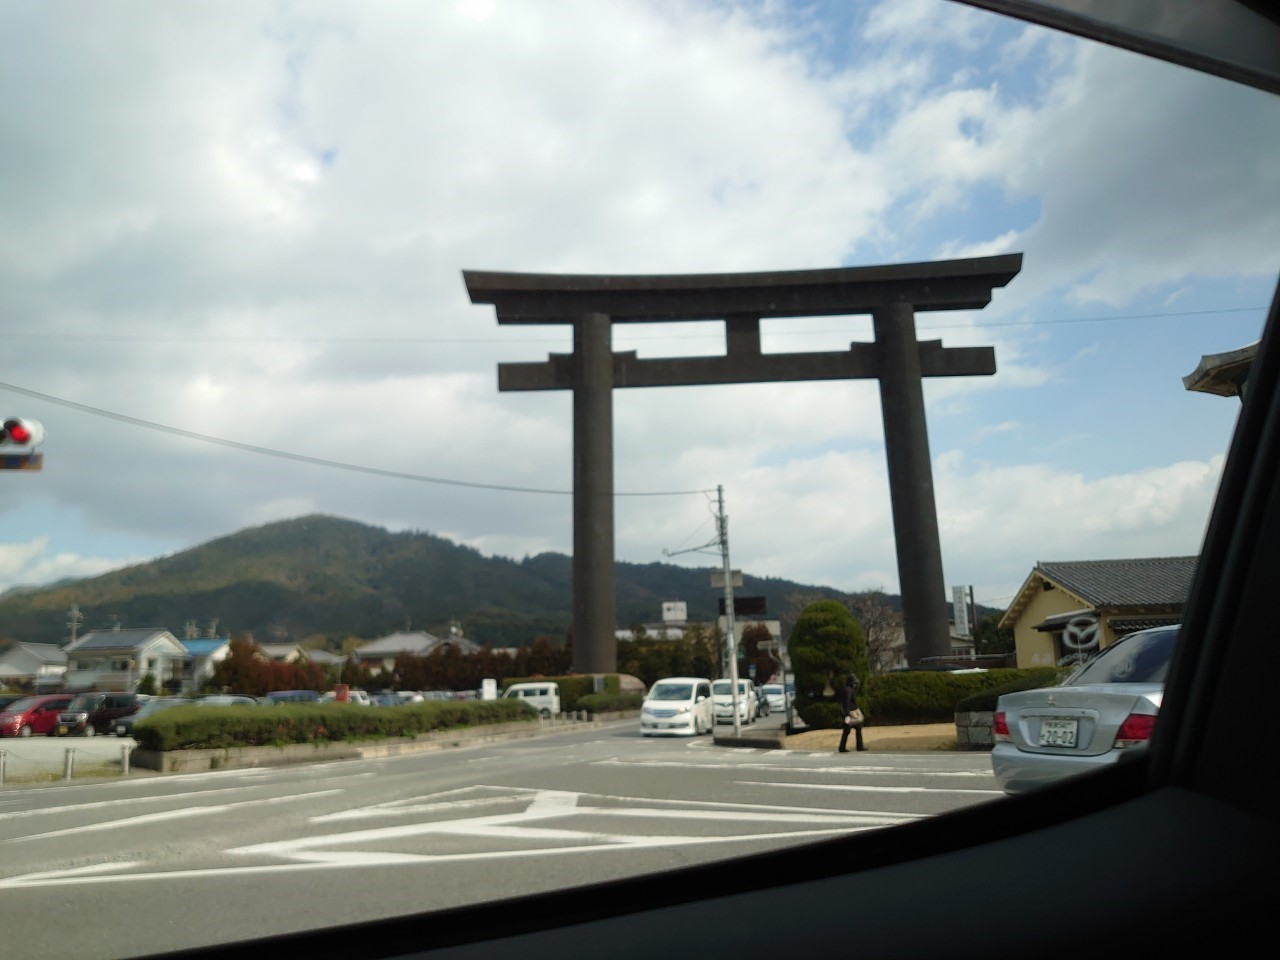 大神神社(おおみわじんじゃ)奈良県桜井市_a0122205_17104614.jpg